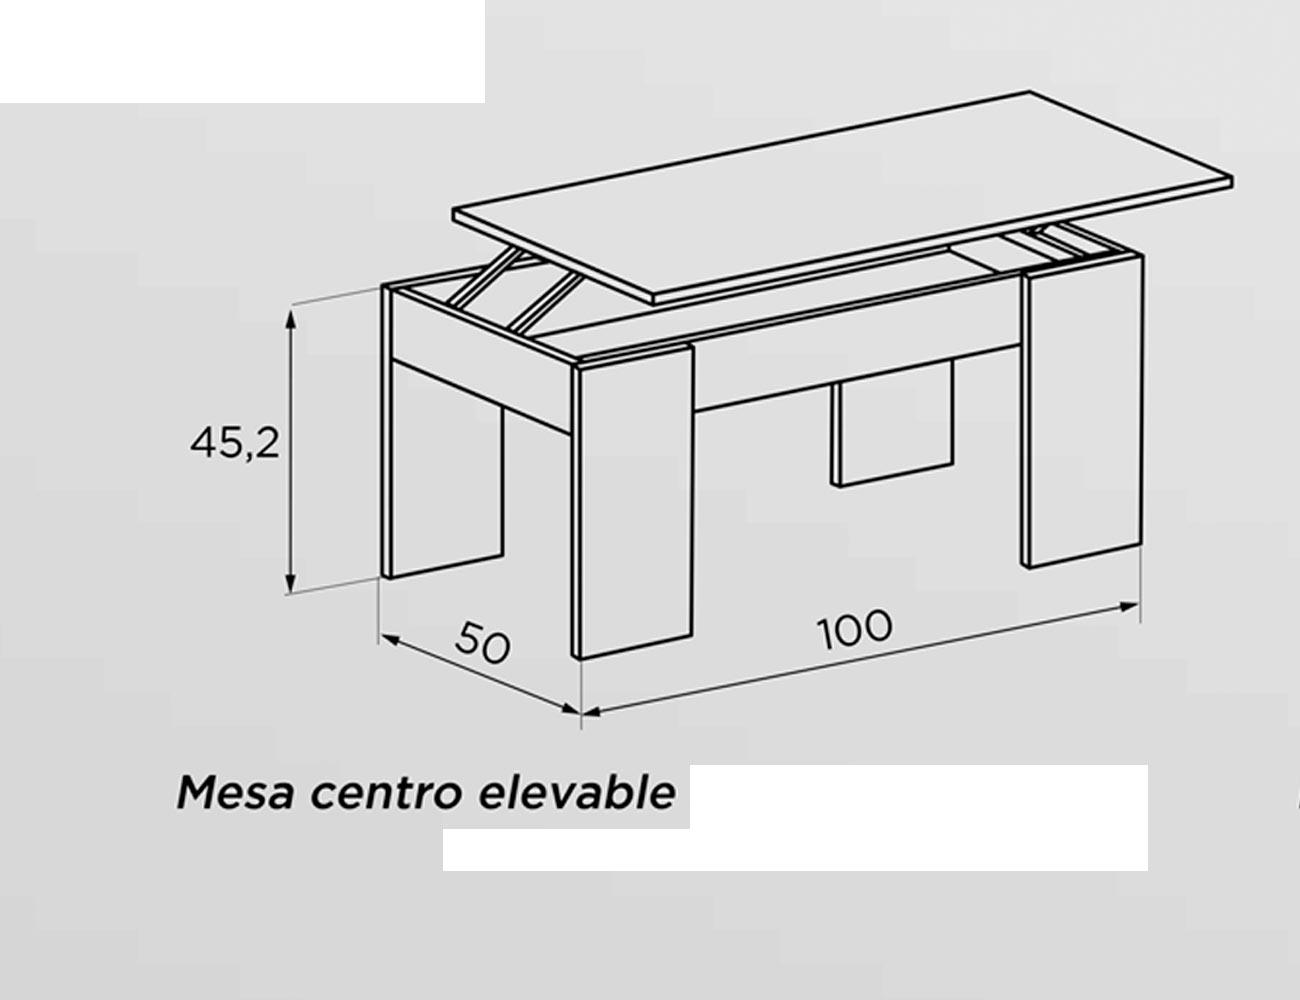 Tecnico mesa centro elevable 100